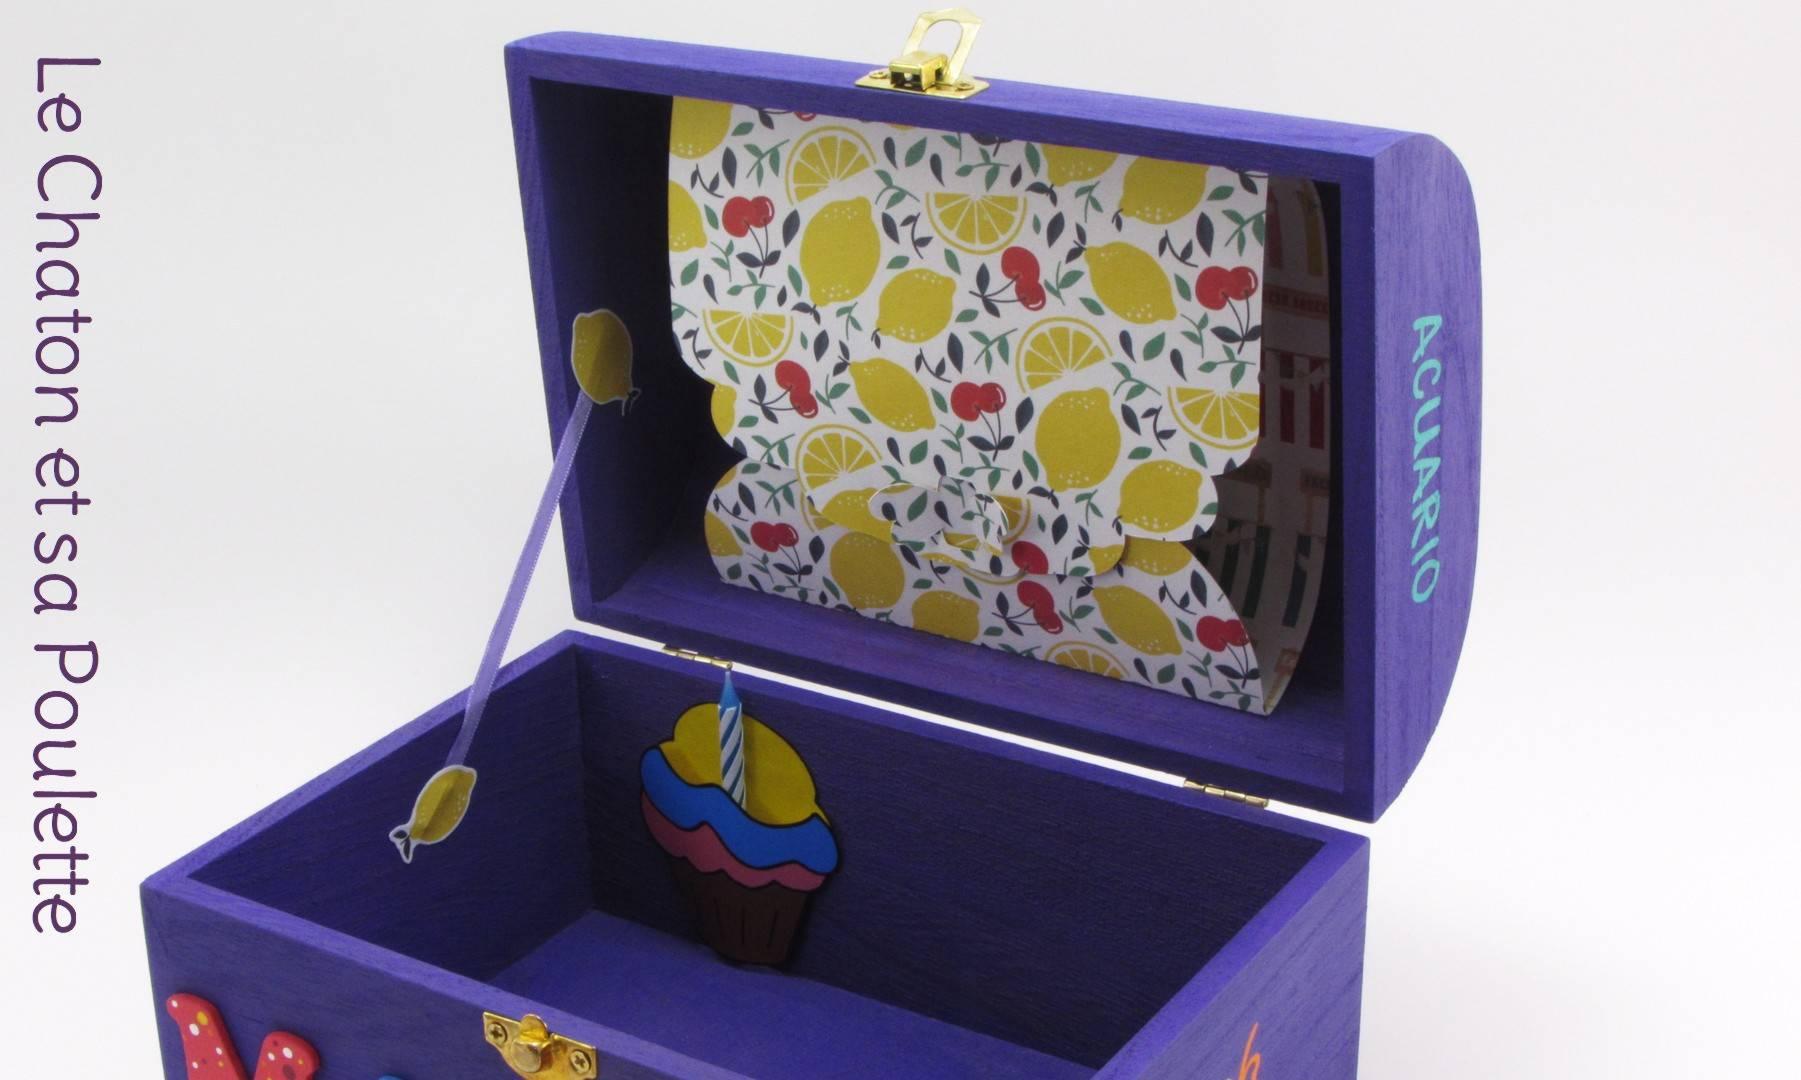 Coffret violet Mateo, intérieur avec pochette cupcake et pochette dans le couvercle